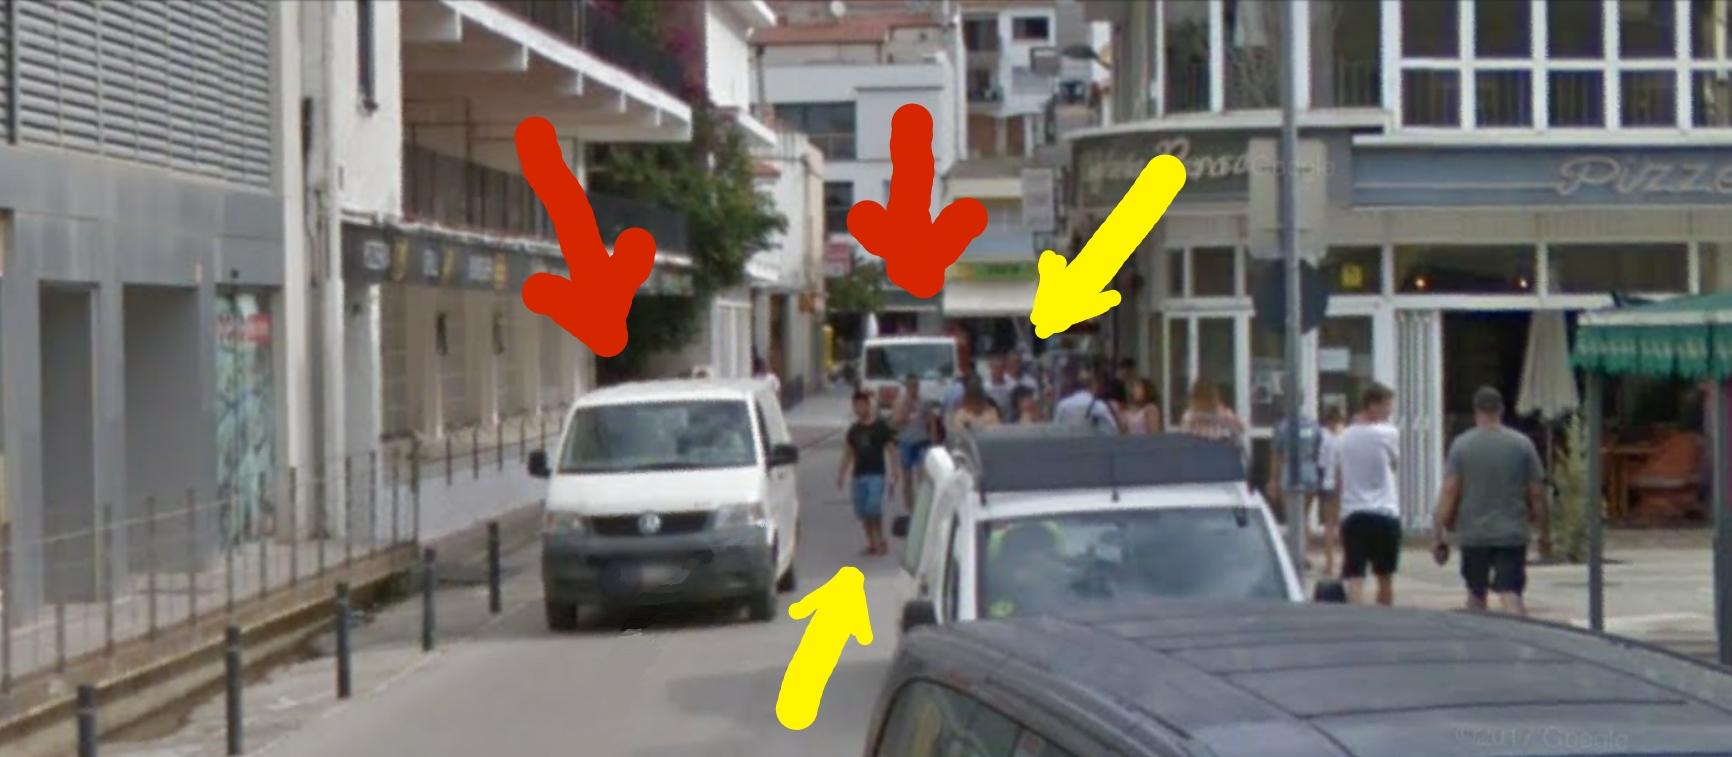 Pedestrians Estartit